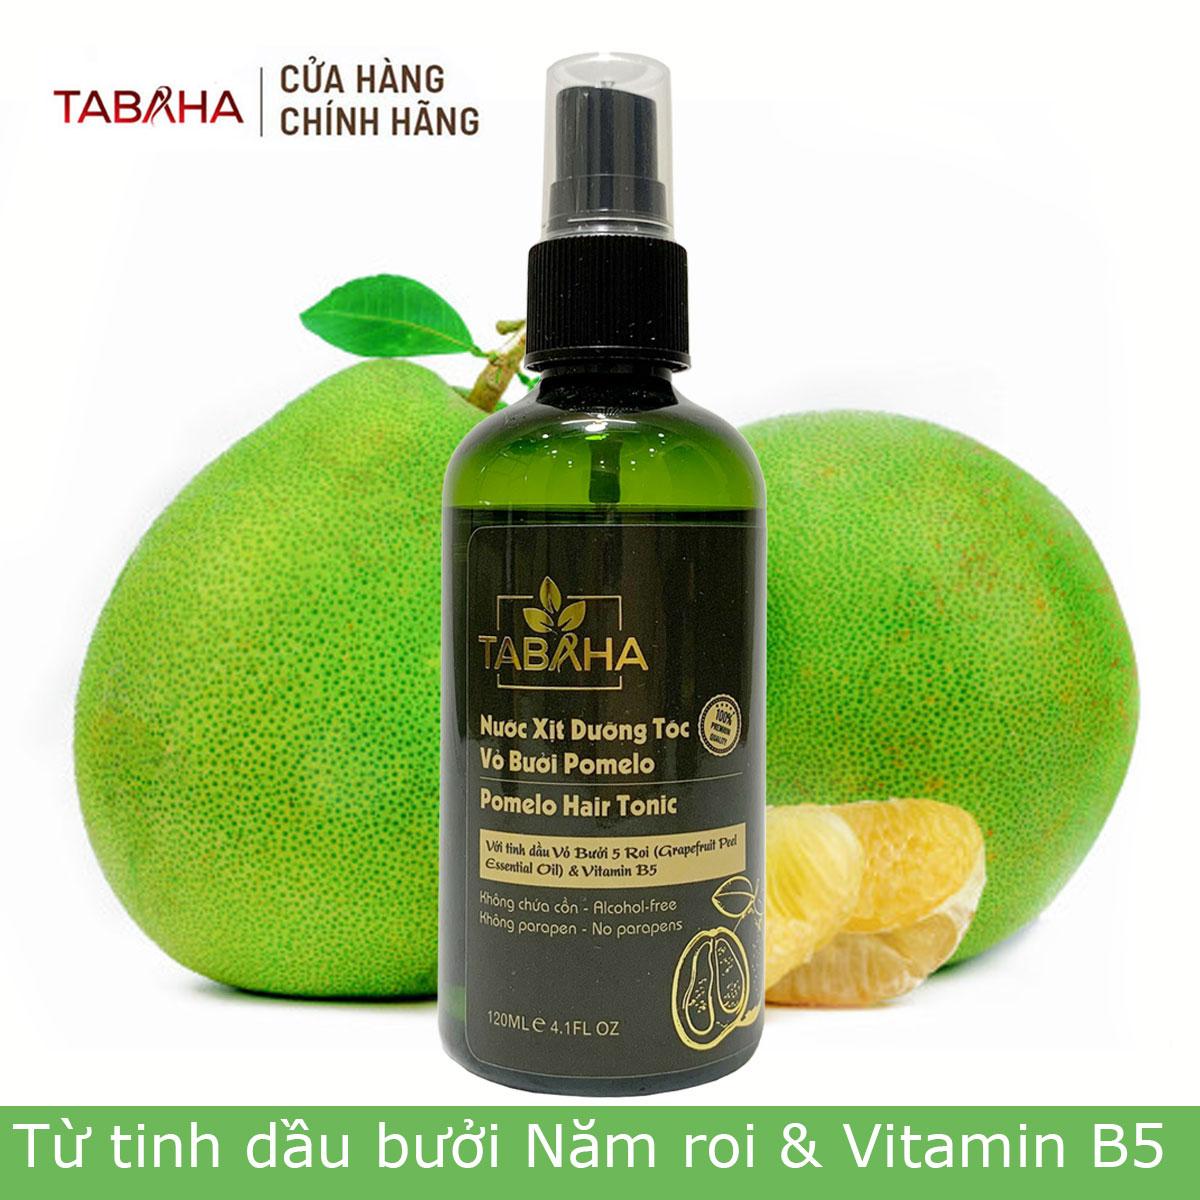 Tinh dầu bưởi Pomelo Tabaha 120ml giúp tóc mọc nhanh gấp 3 lần